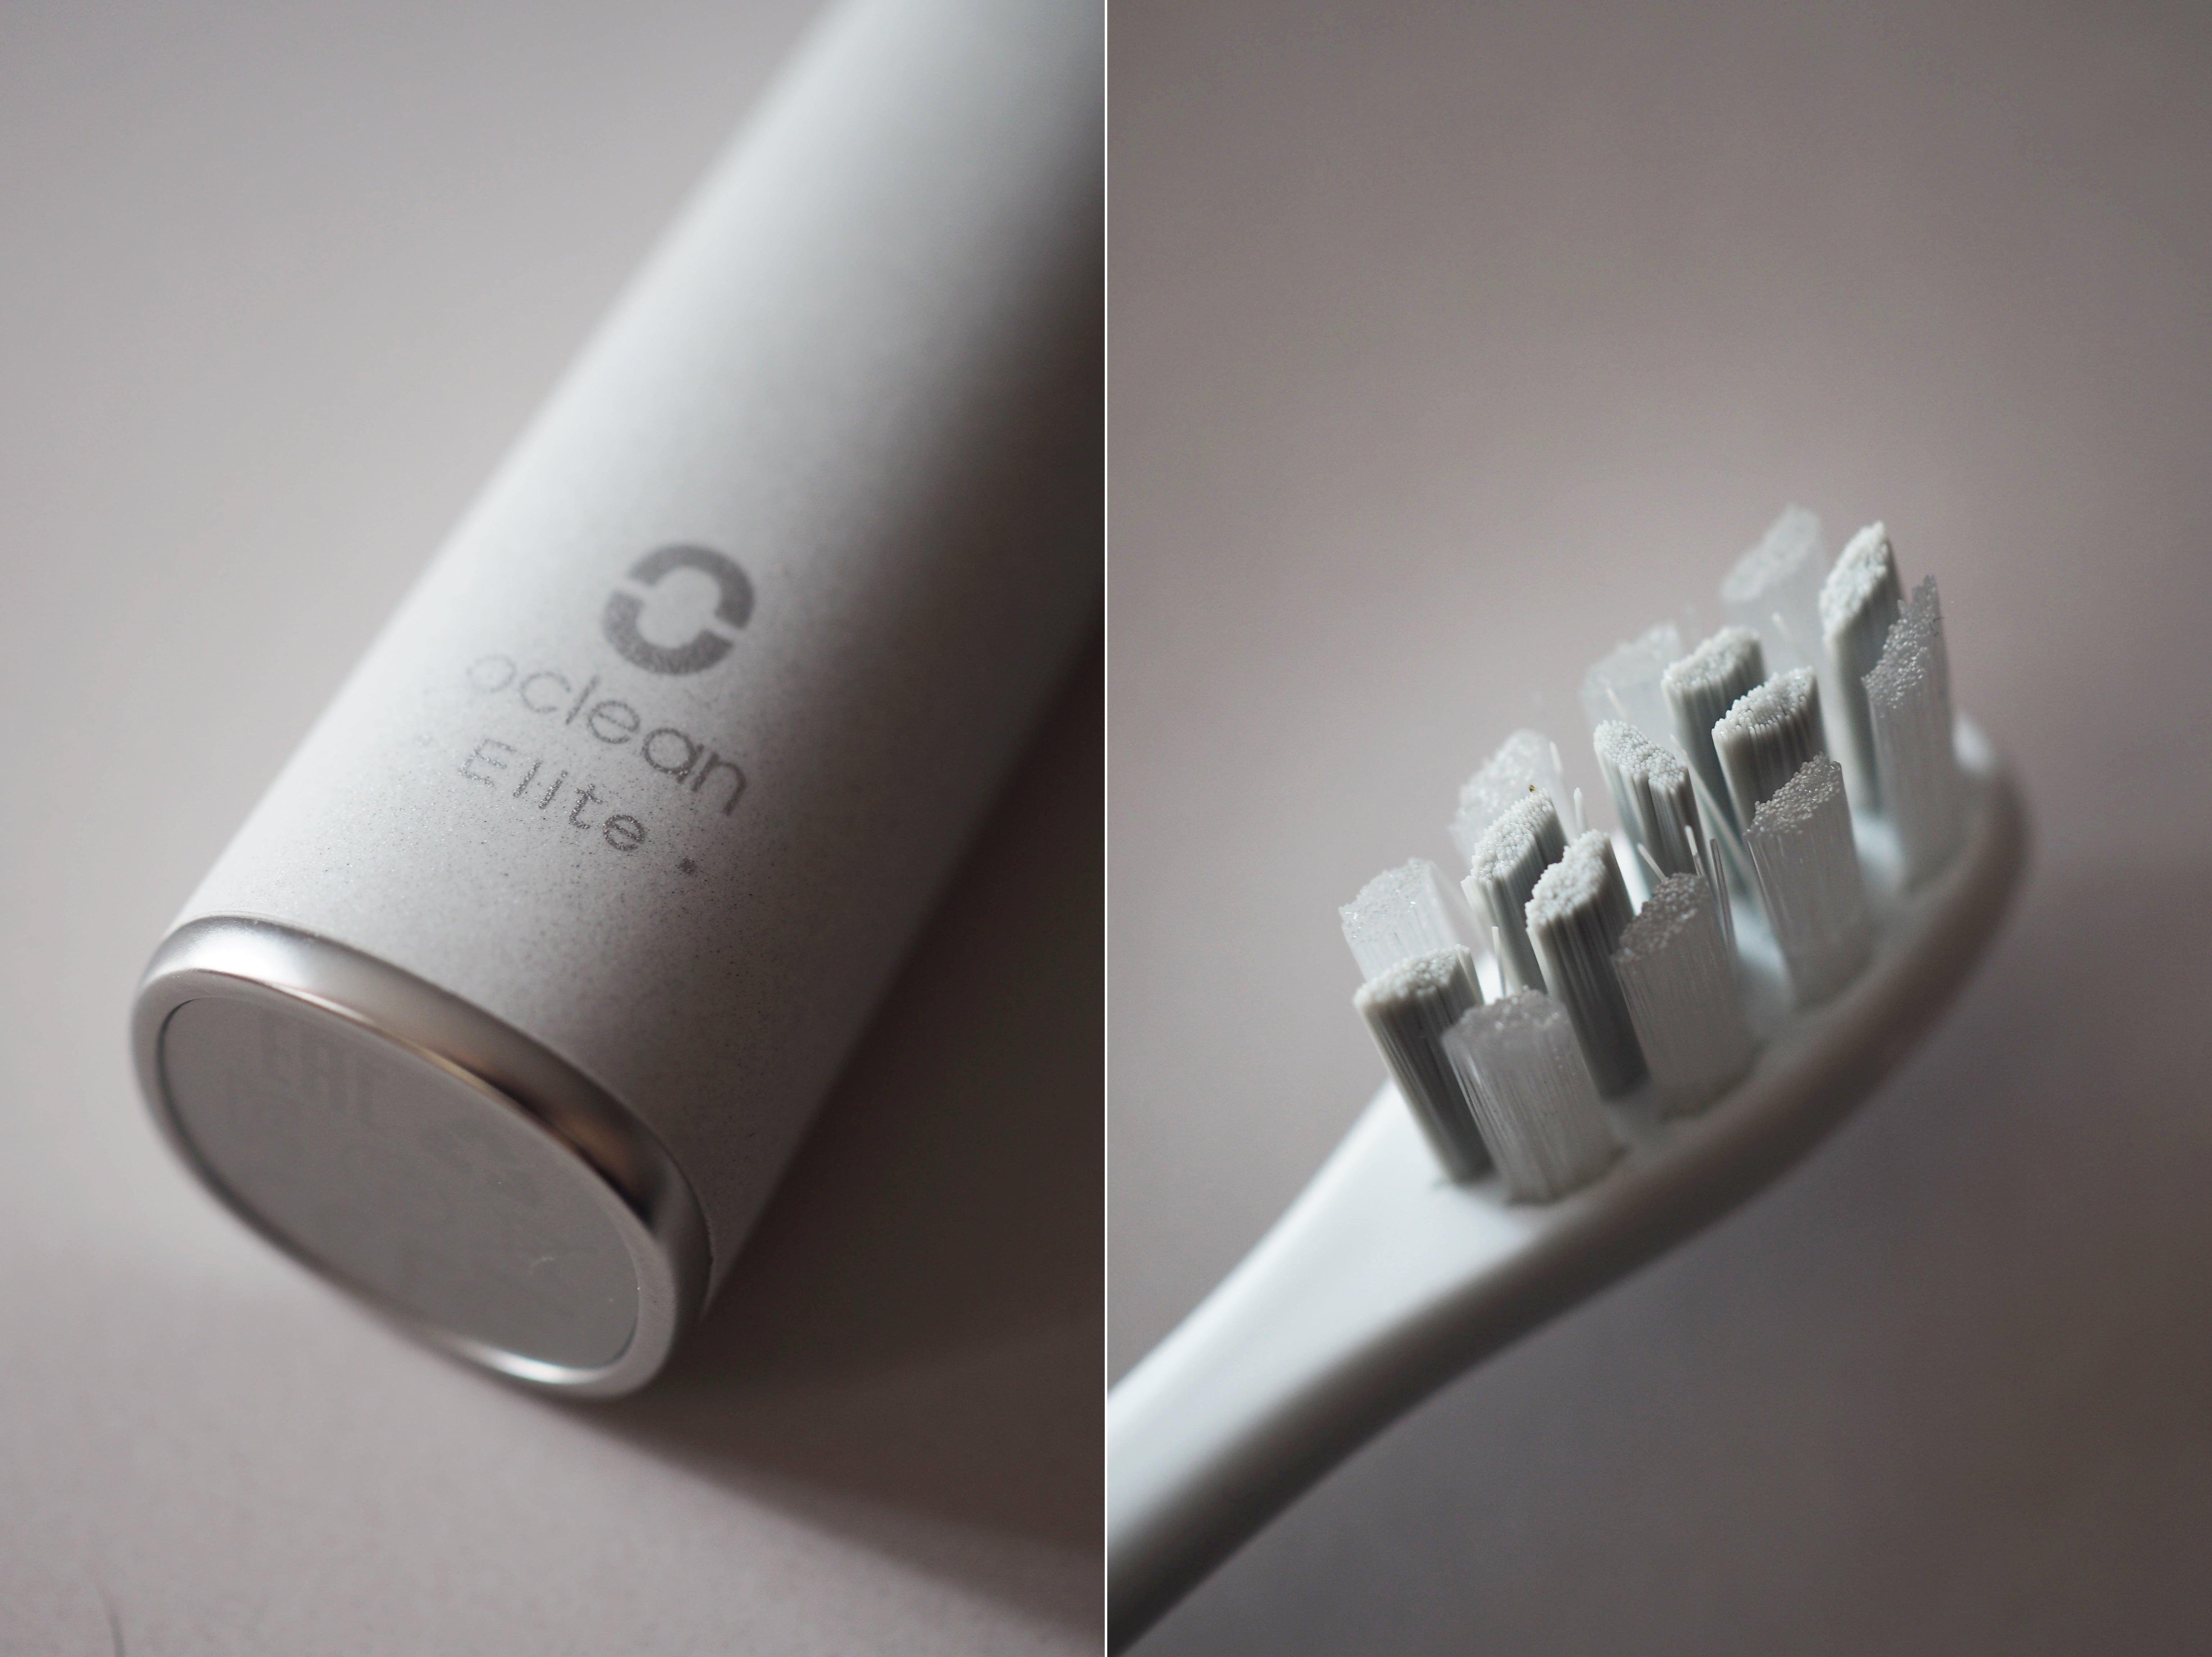 czyszczenie zębów sonicznie